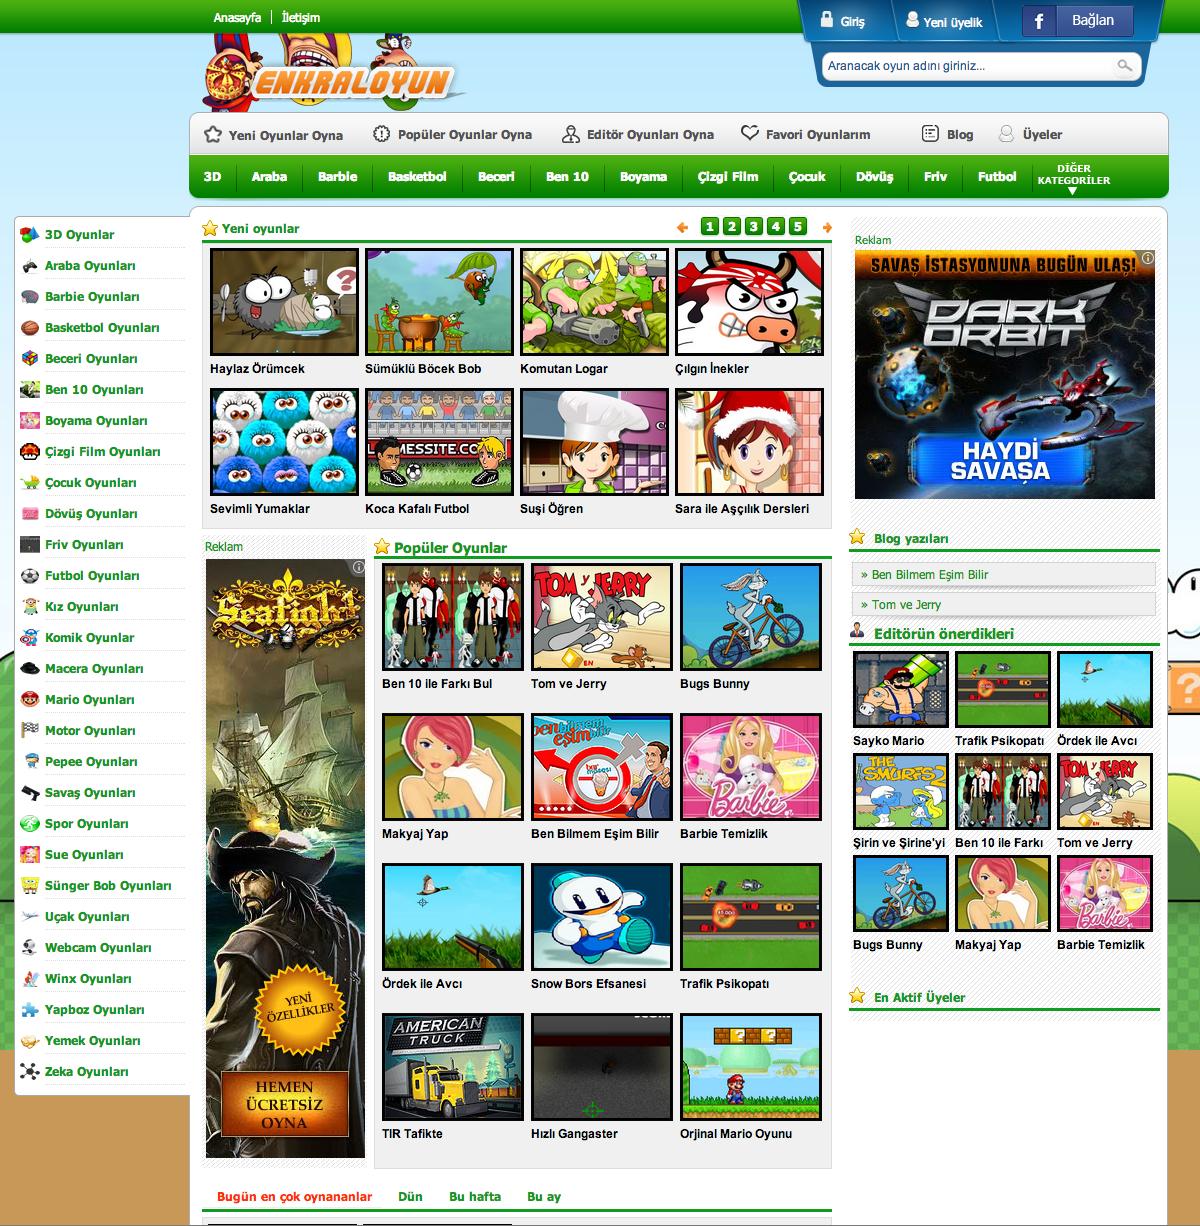 Kral Oyun Oyna Bedava Online Oyun Oynayabilirsiniz Online Oyun